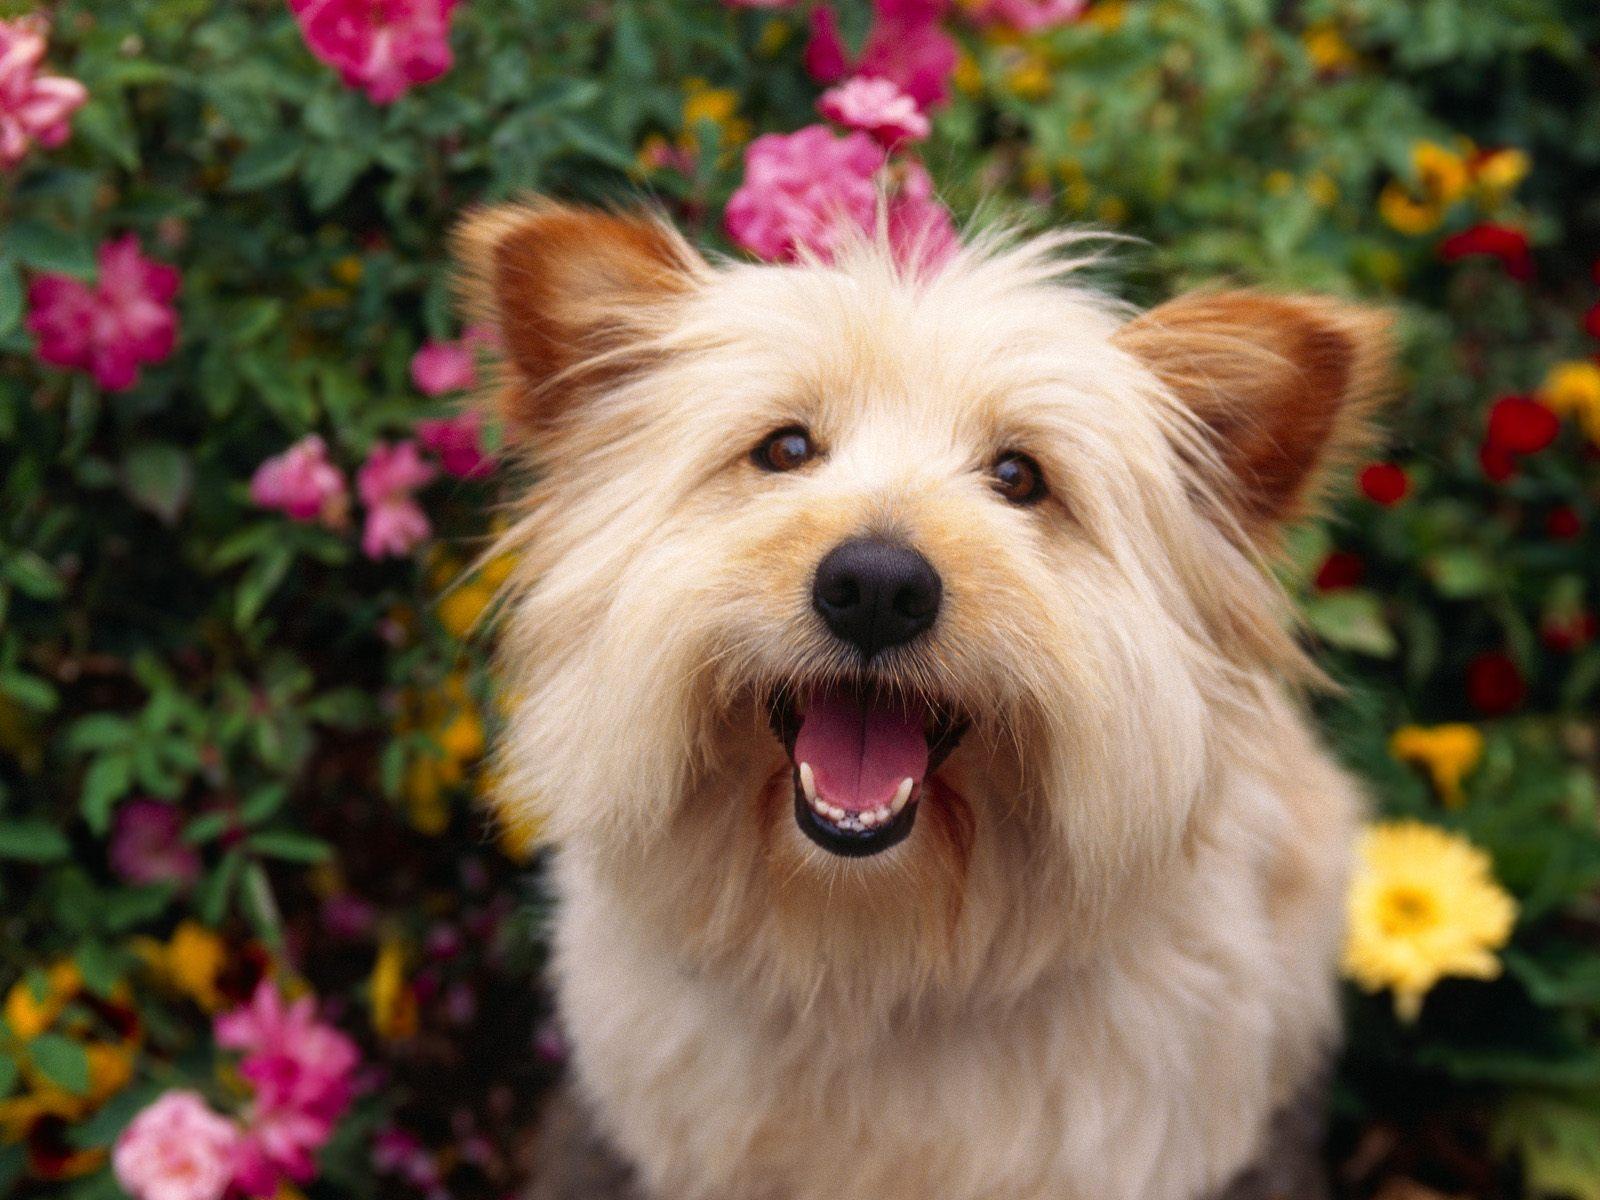 Cairn Terrier - Dogs Wallpaper (13248618) - Fanpop